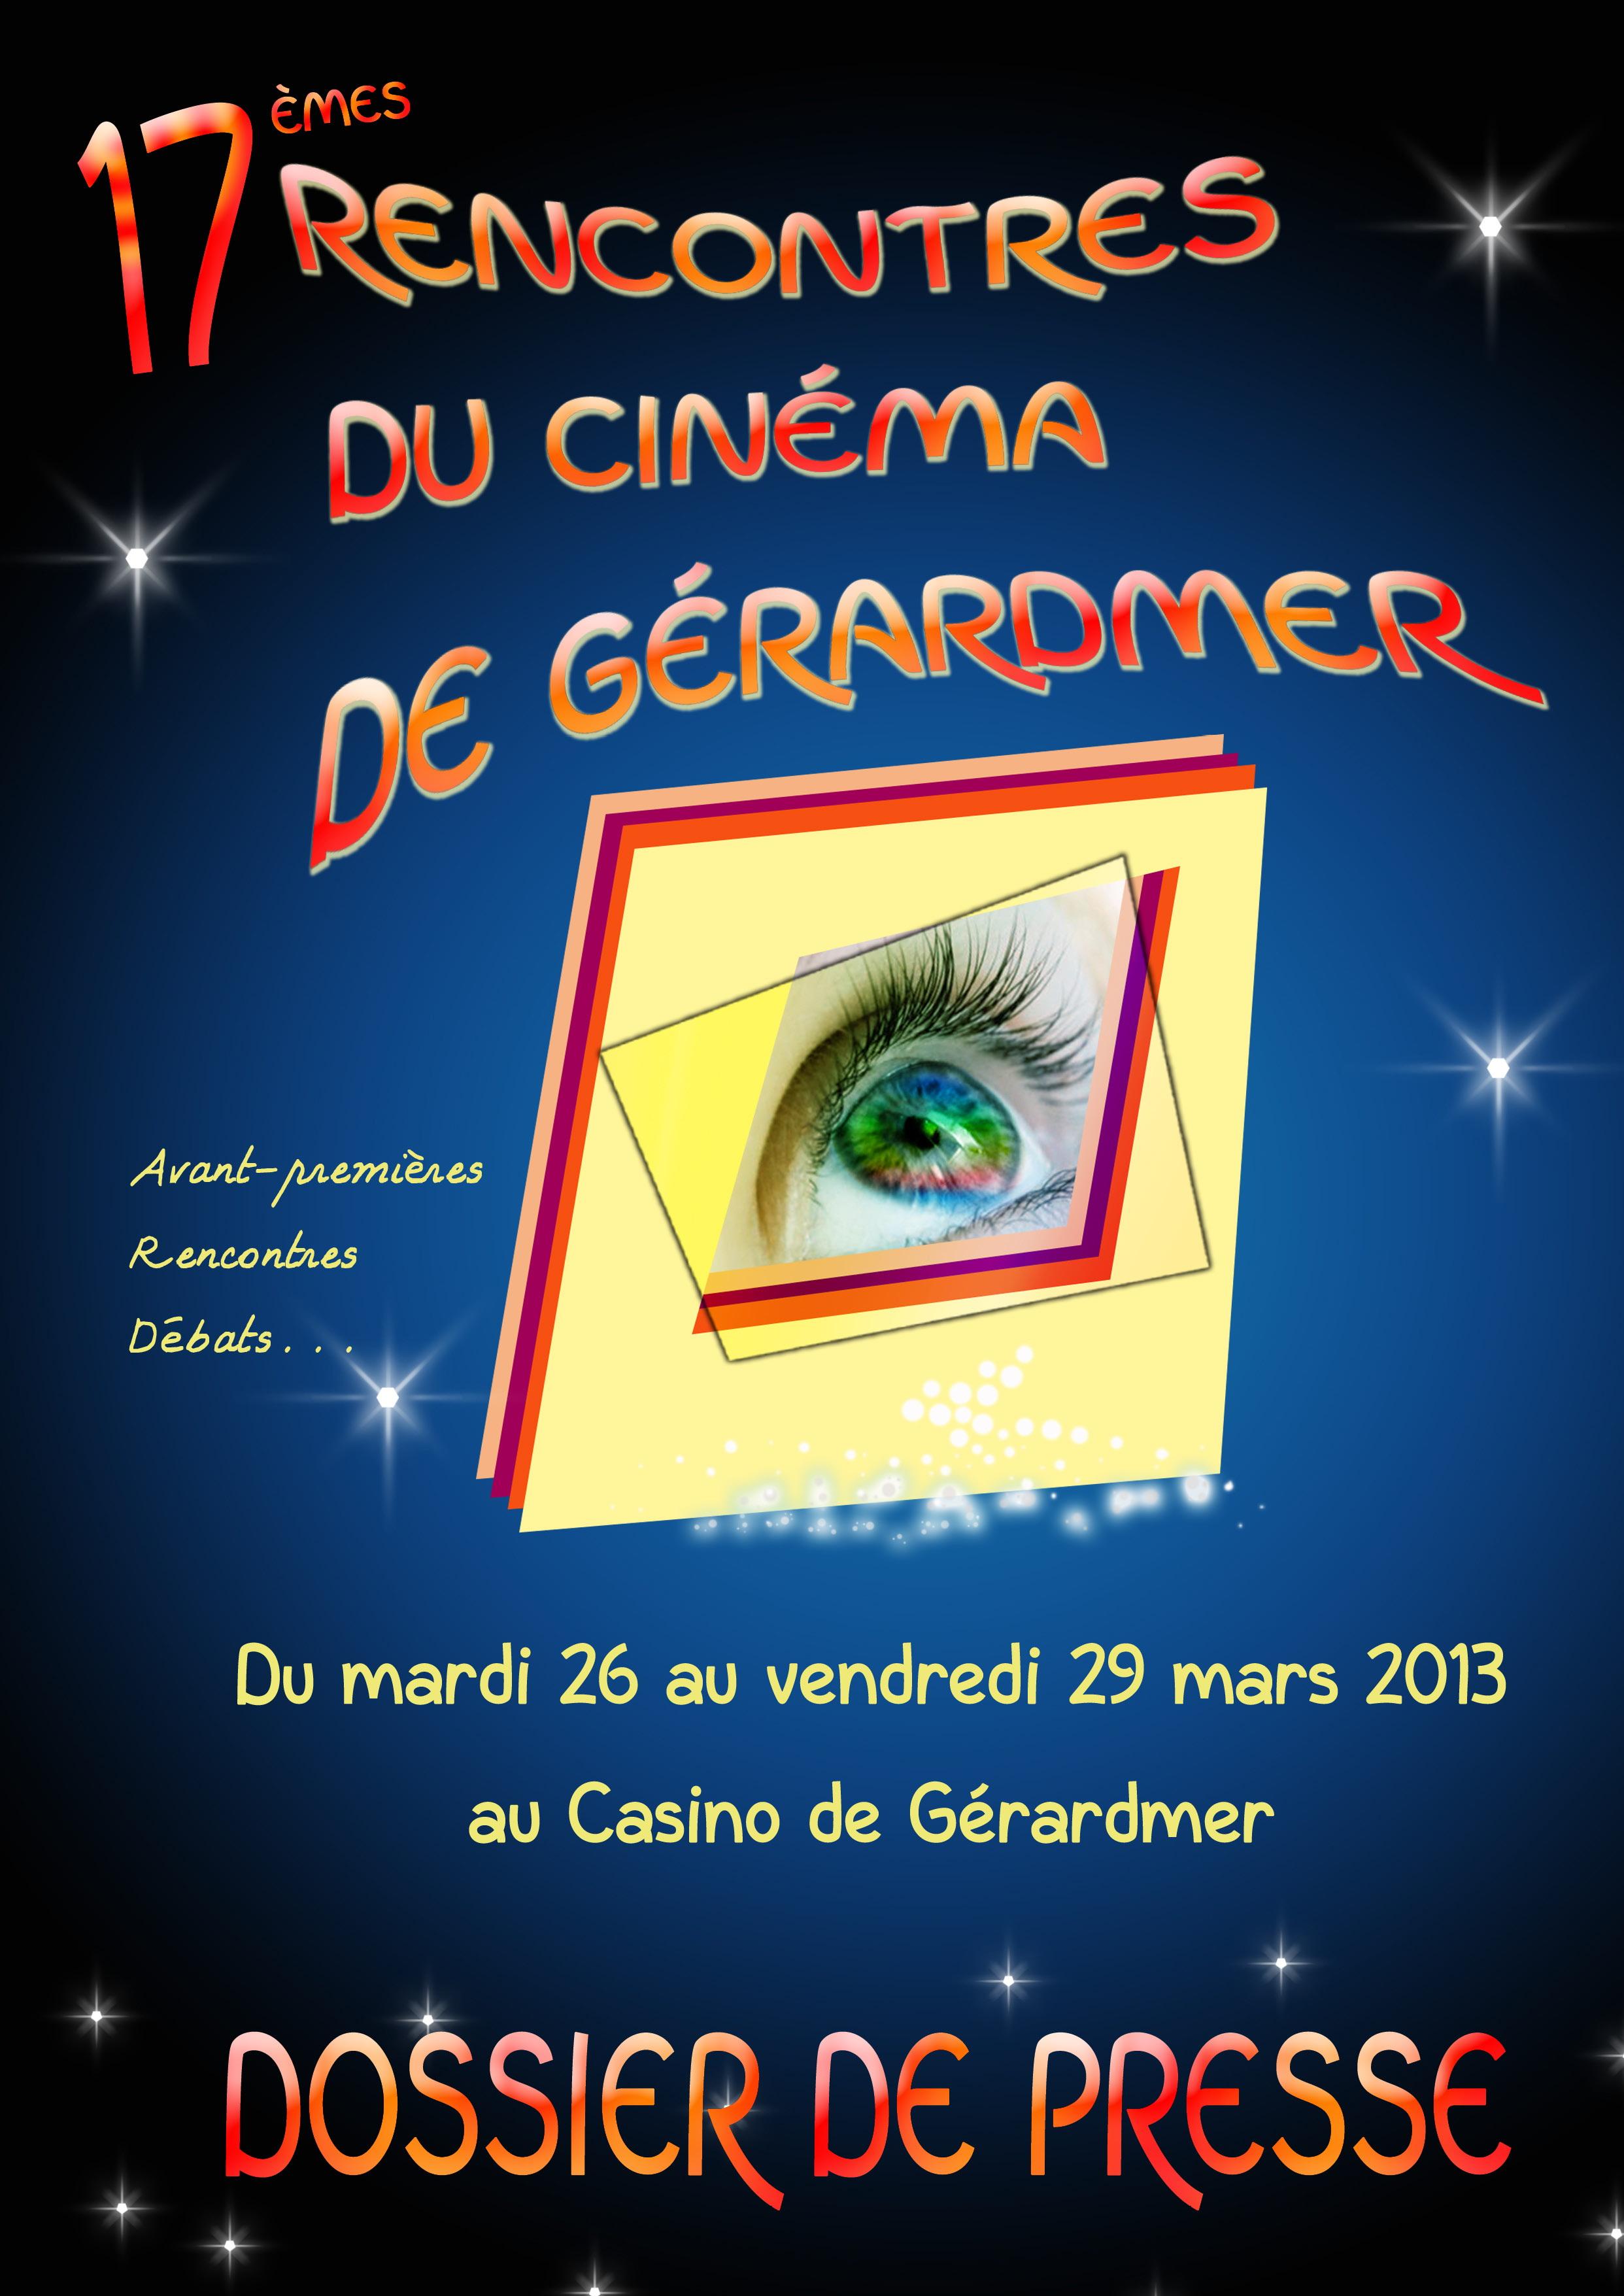 Site de rencontres cinéma